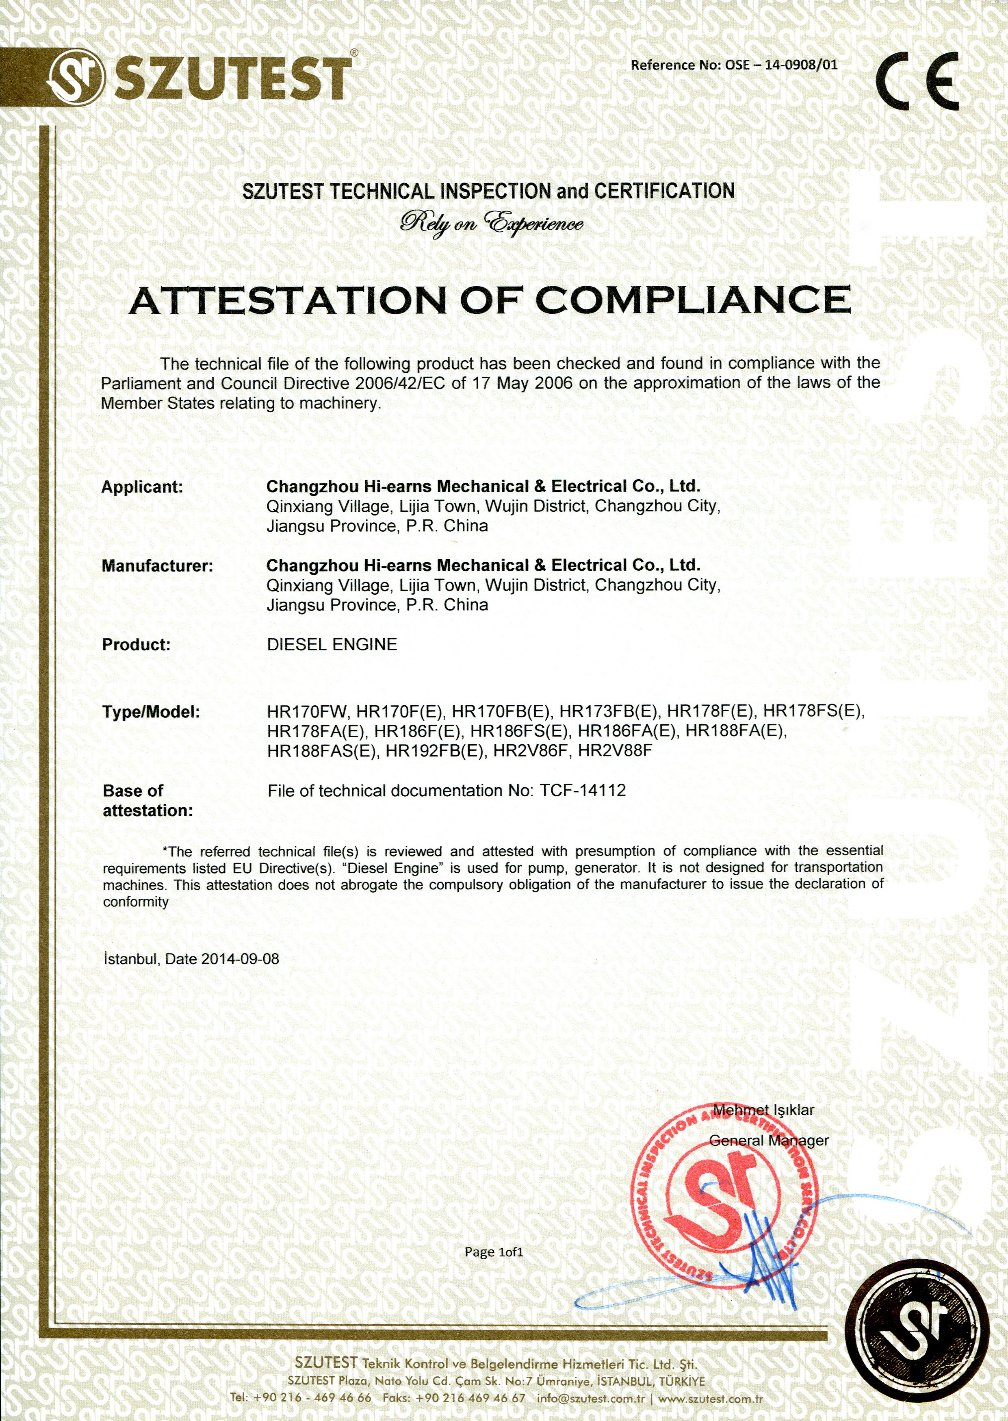 Low voltage directive